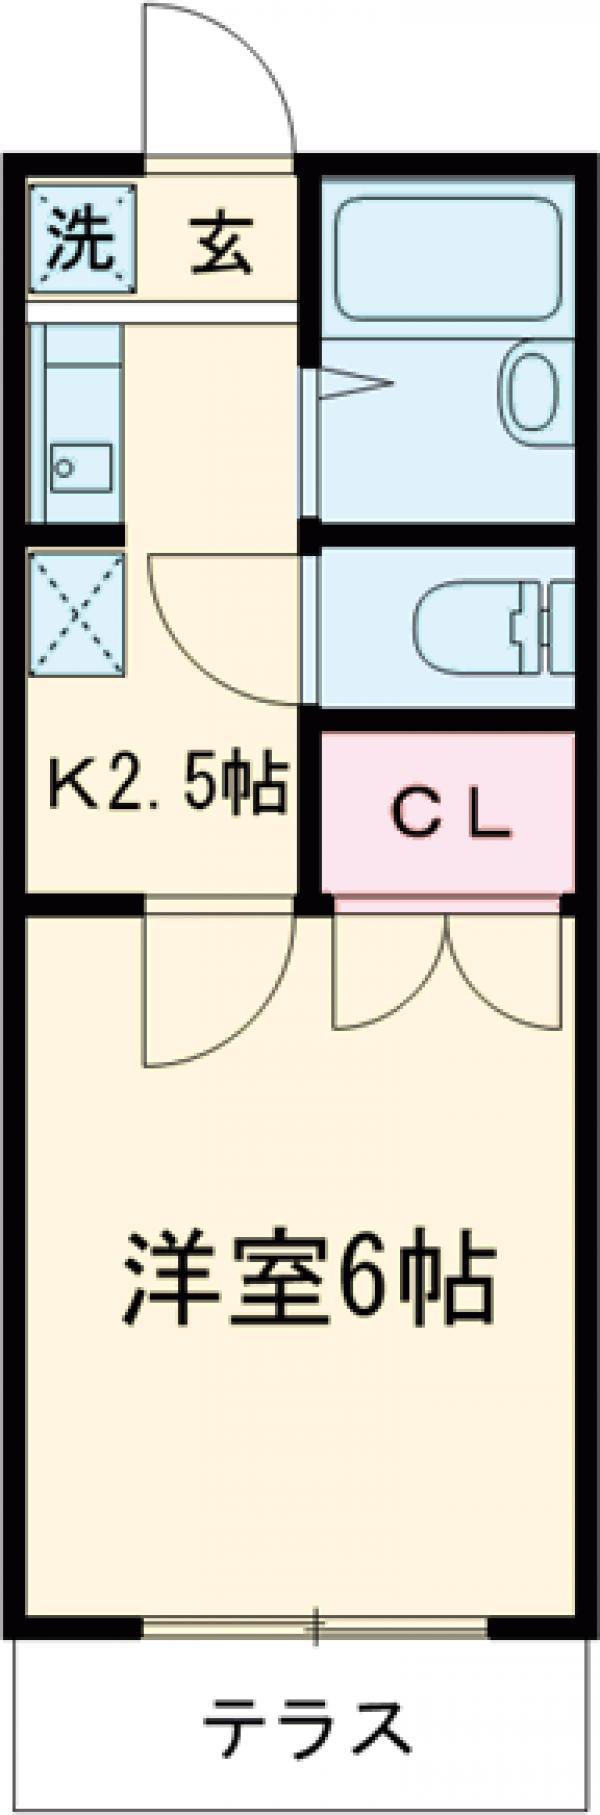 コーポ田中・203号室の間取り